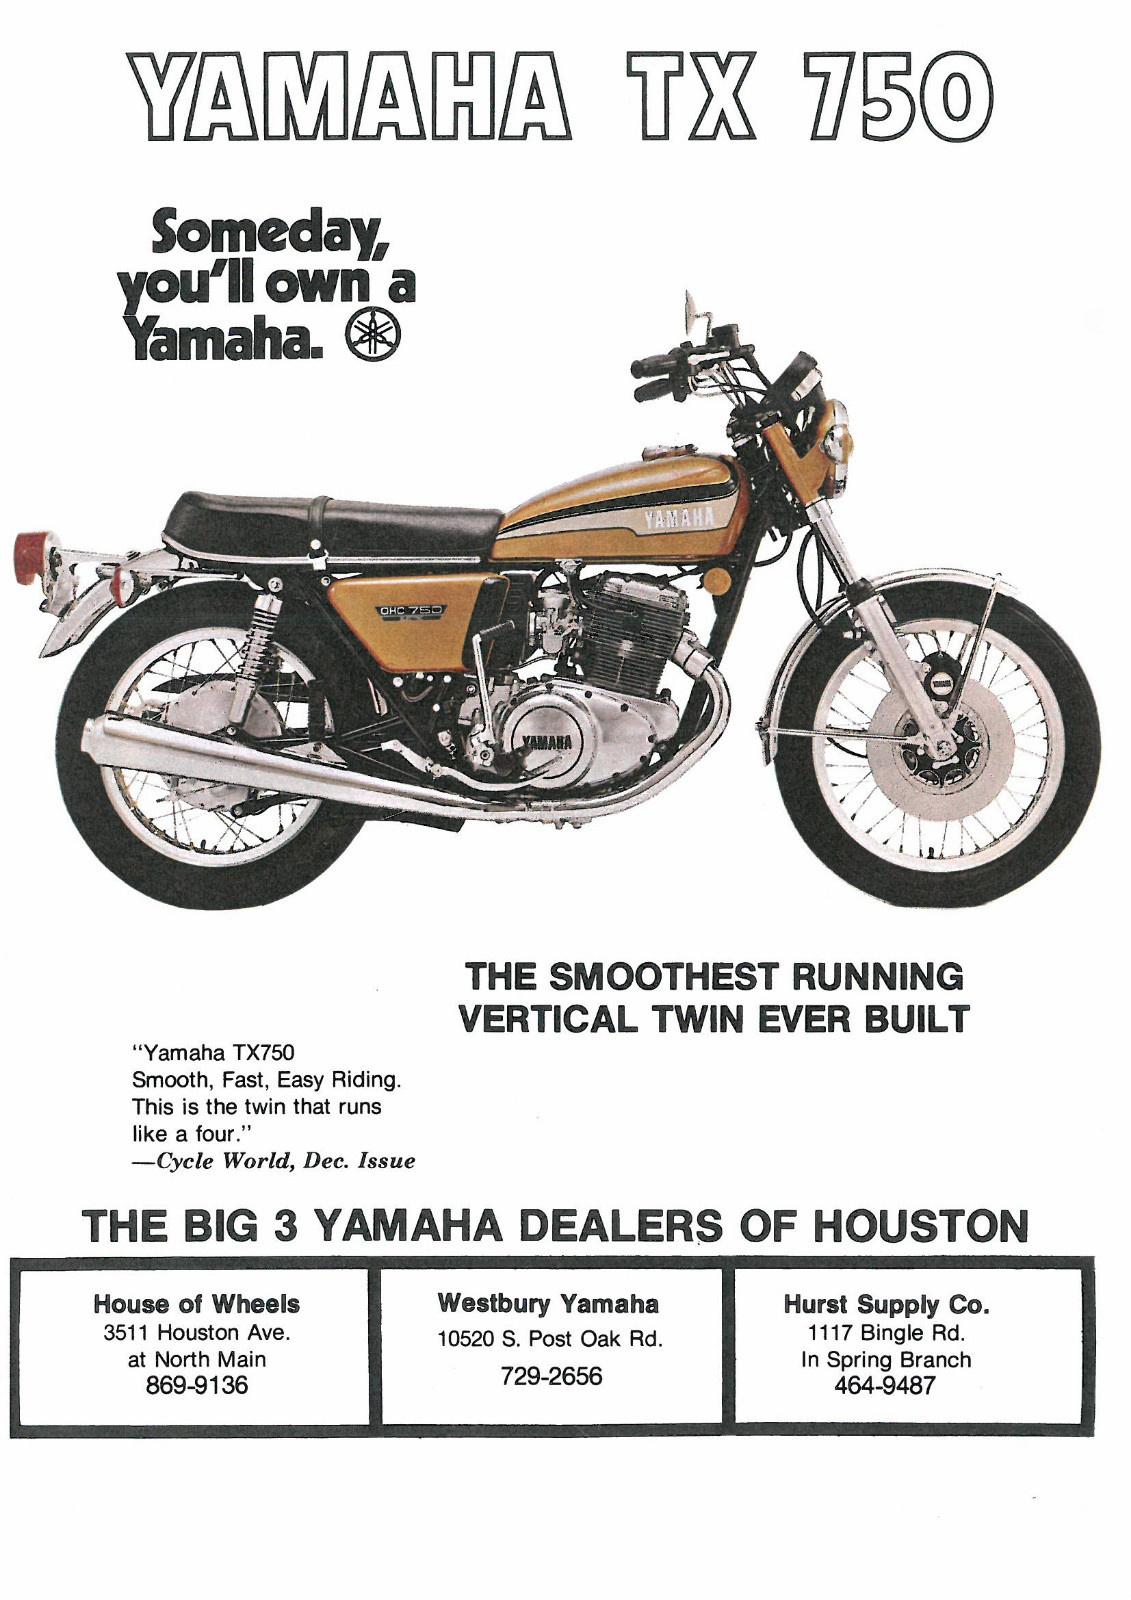 Kickstart 1973-1974 Lever Yamaha TX 500 Europe Each